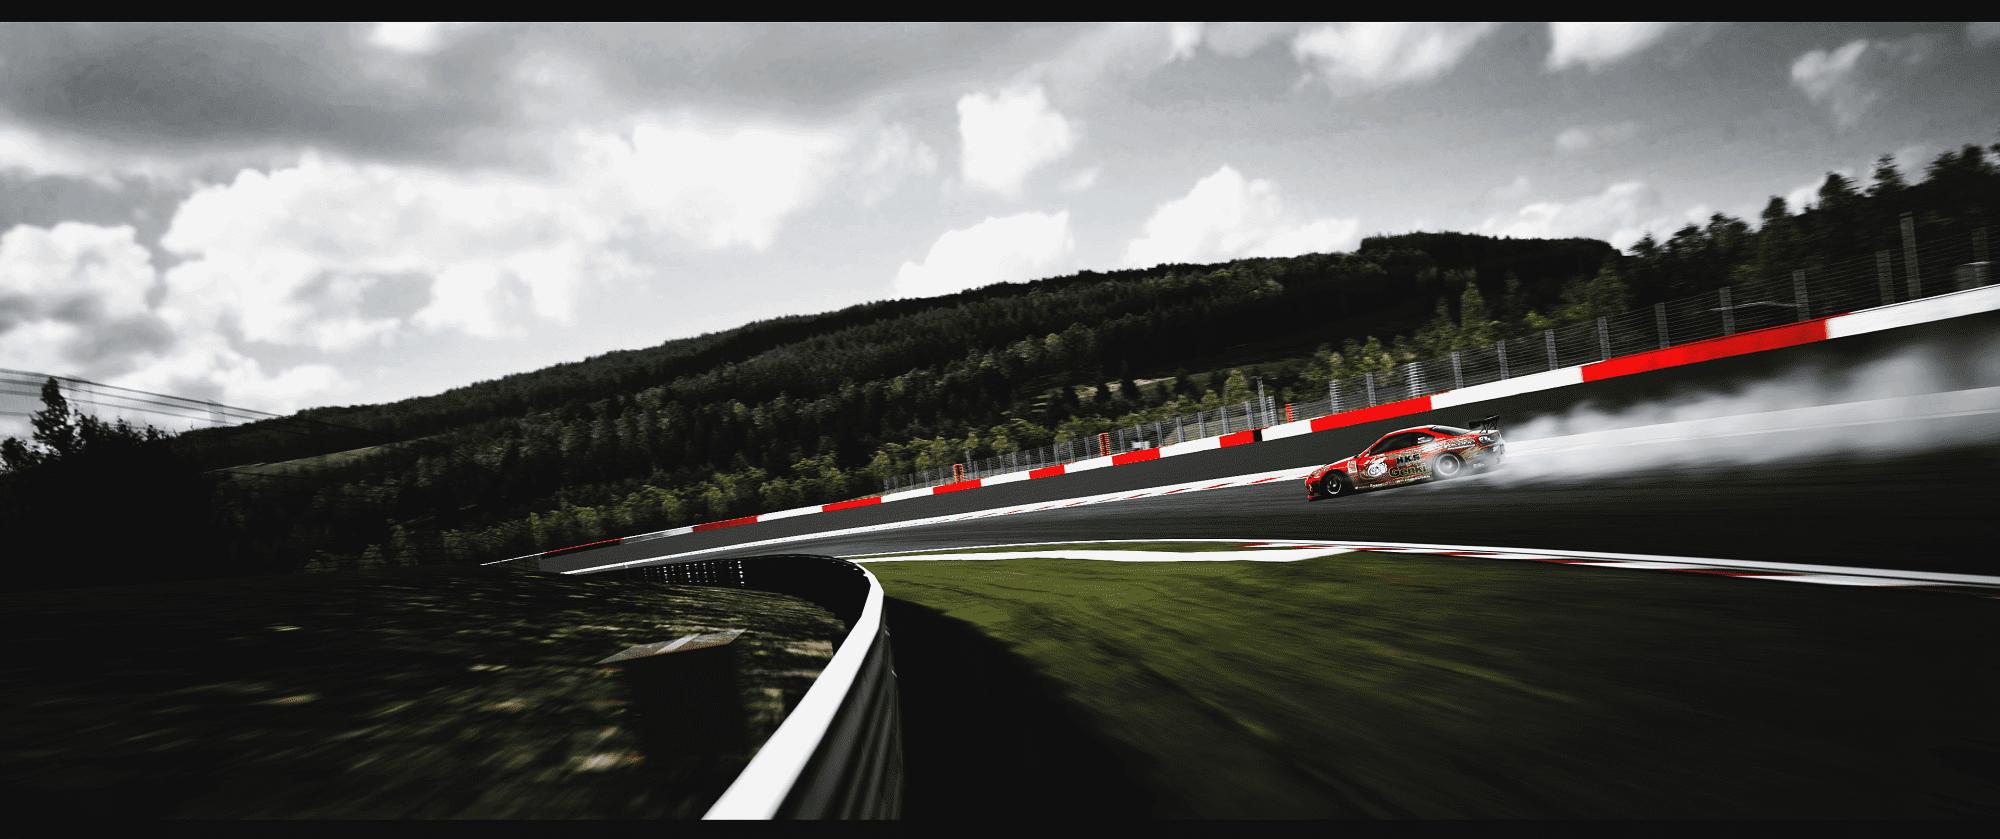 Circuit de Spa-Francorchamps_2.png